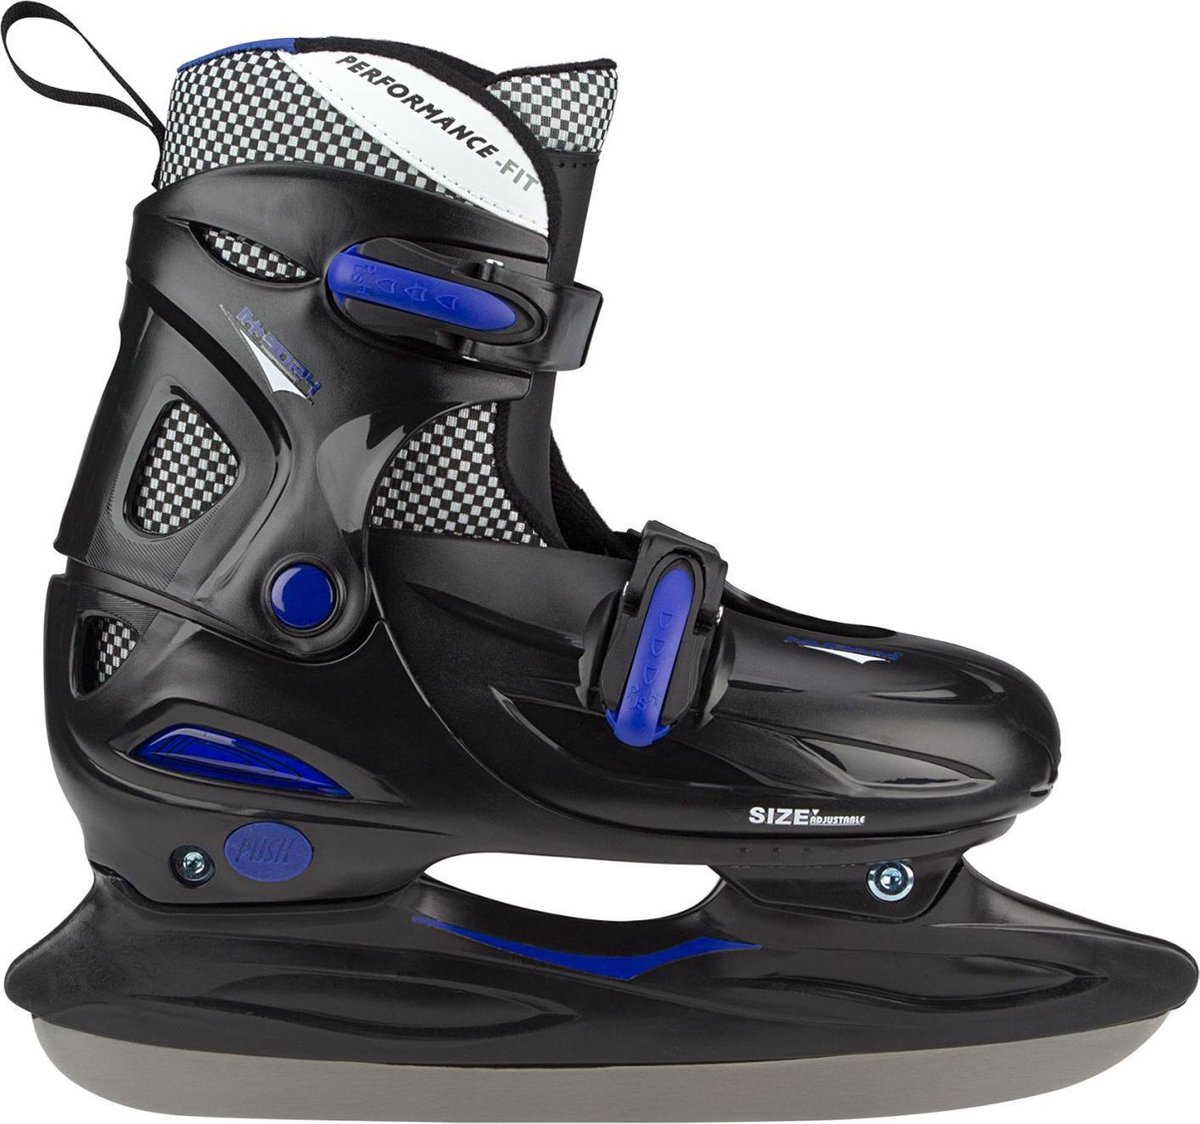 Nijdam Junior IJshockeyschaats - Verstelbaar - Hardboot - Zwart/Blauw - Maat 27-30